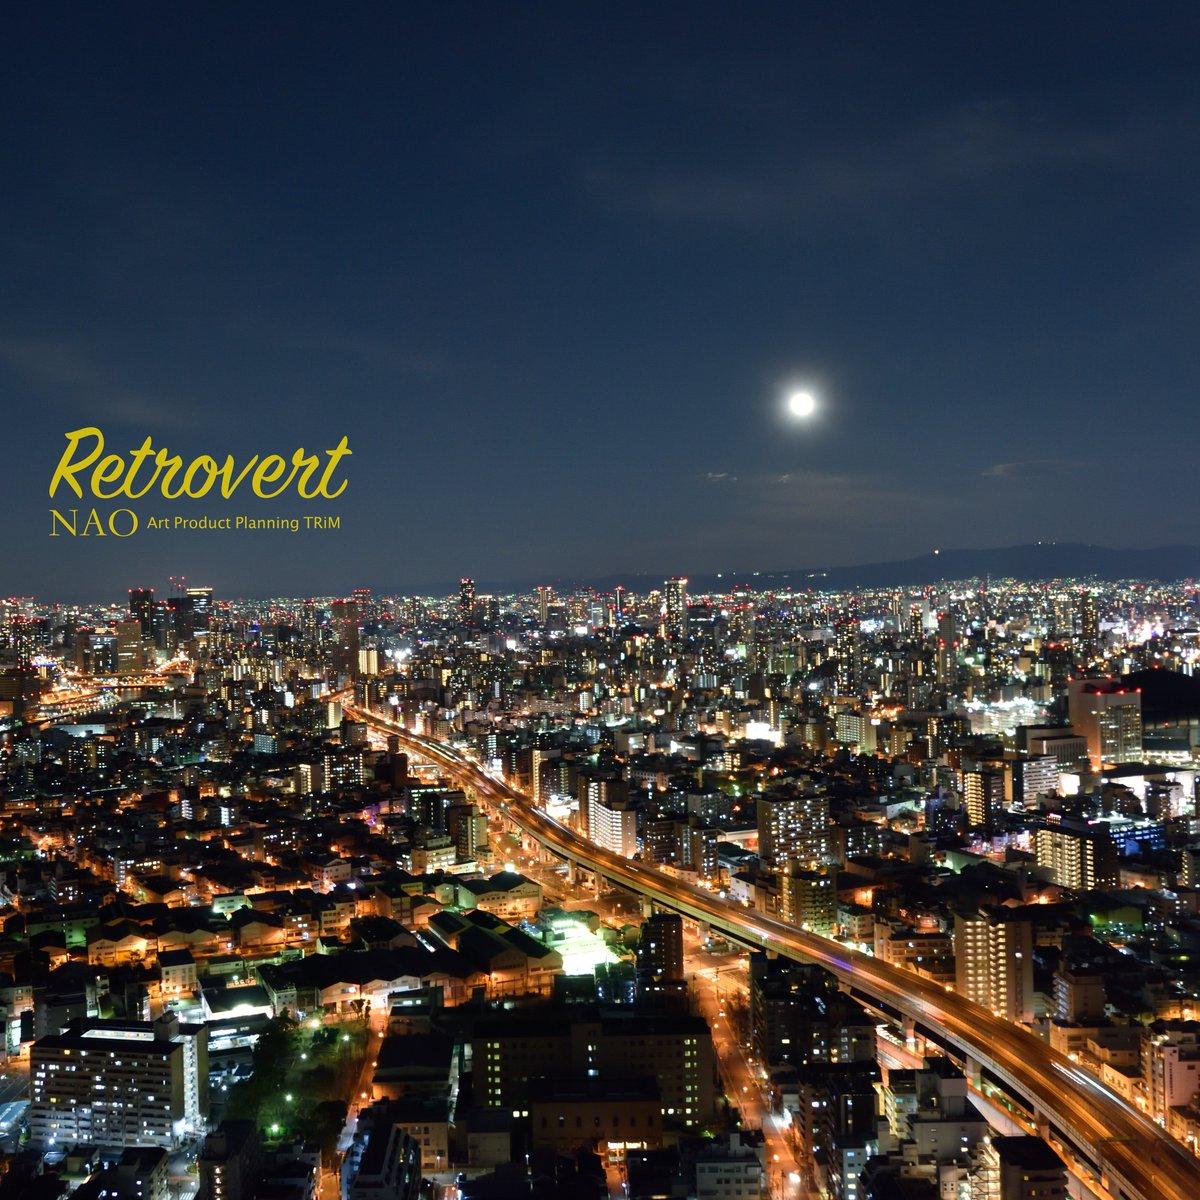 デジタルニューシングル「Retrovert」配信開始!!!! iTunesやその他主要サイトでダウンロード開始!!!ぜひぜひ⭐︎ https://t.co/uLOhly10Nk https://t.co/k3L9L9gOWW